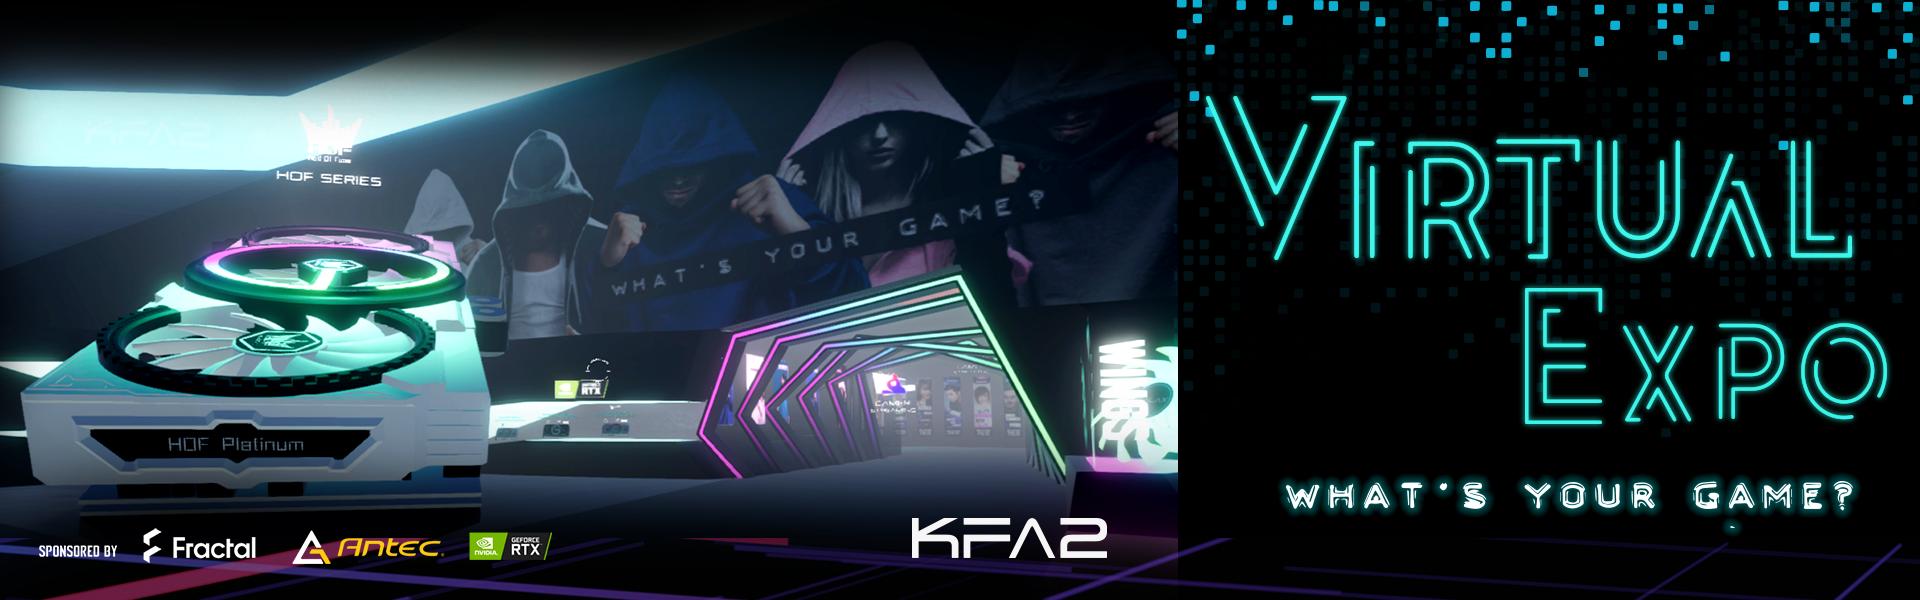 KFA2 Virtual Expo 2020 Banner